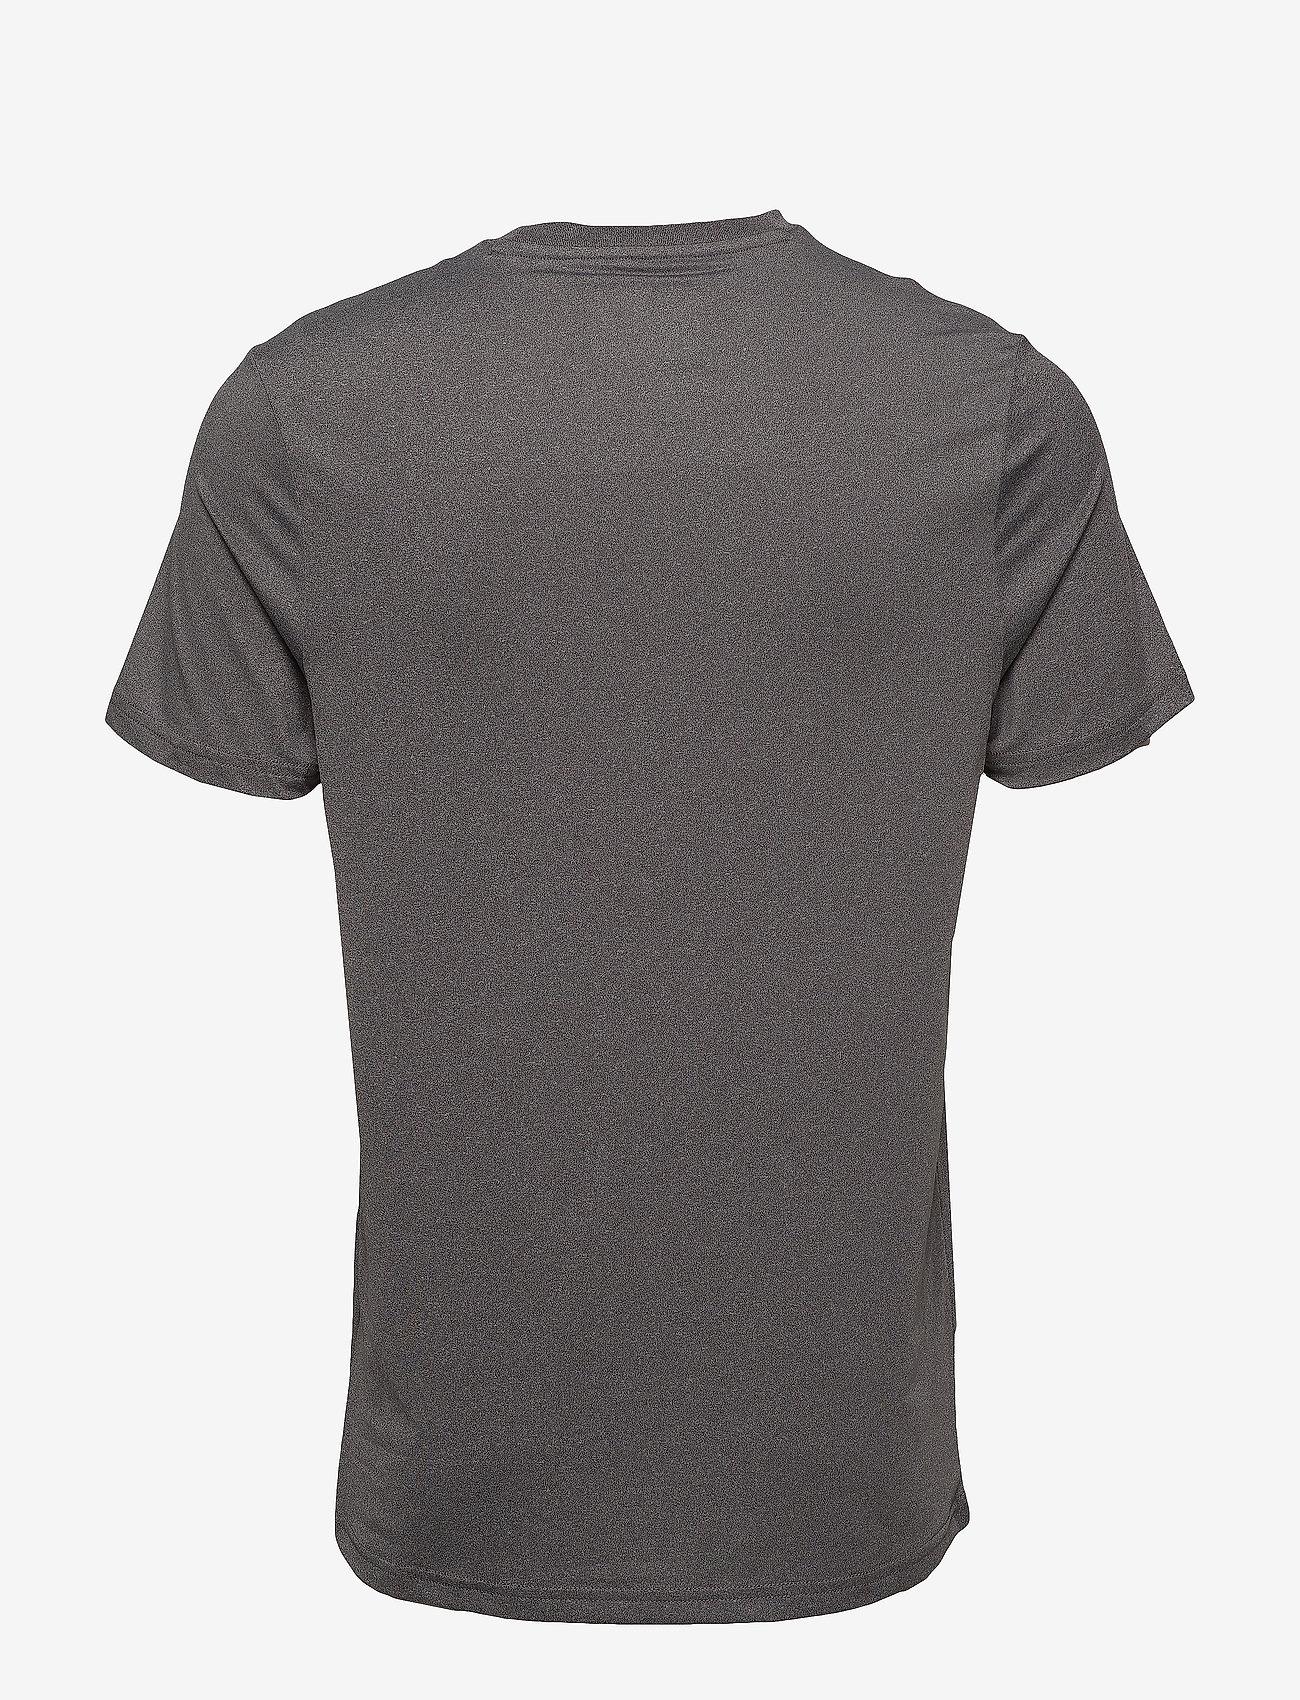 Eagle Trail T-shirt (Mid Grey Marl) - Lyle & Scott Sport 0q18Ju